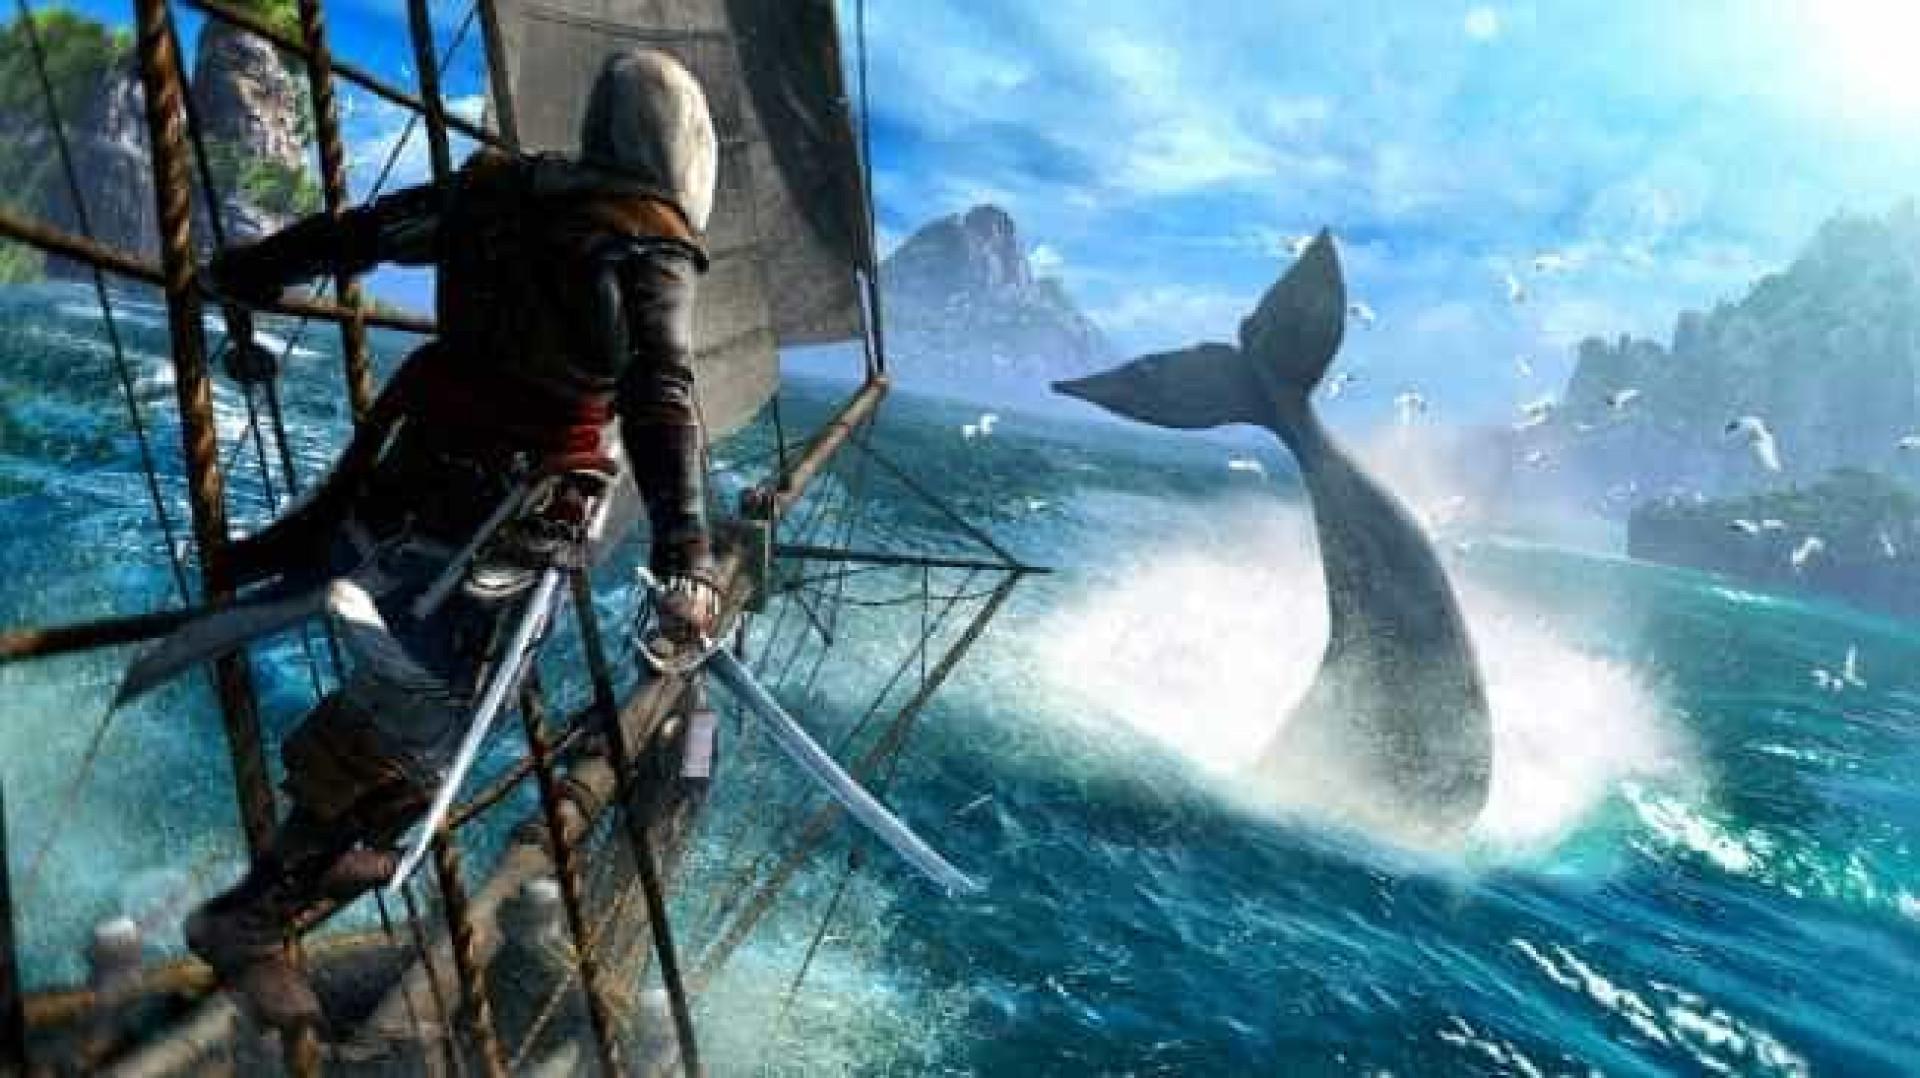 Os jogos que oferecem os melhores mundos virtuais para explorar